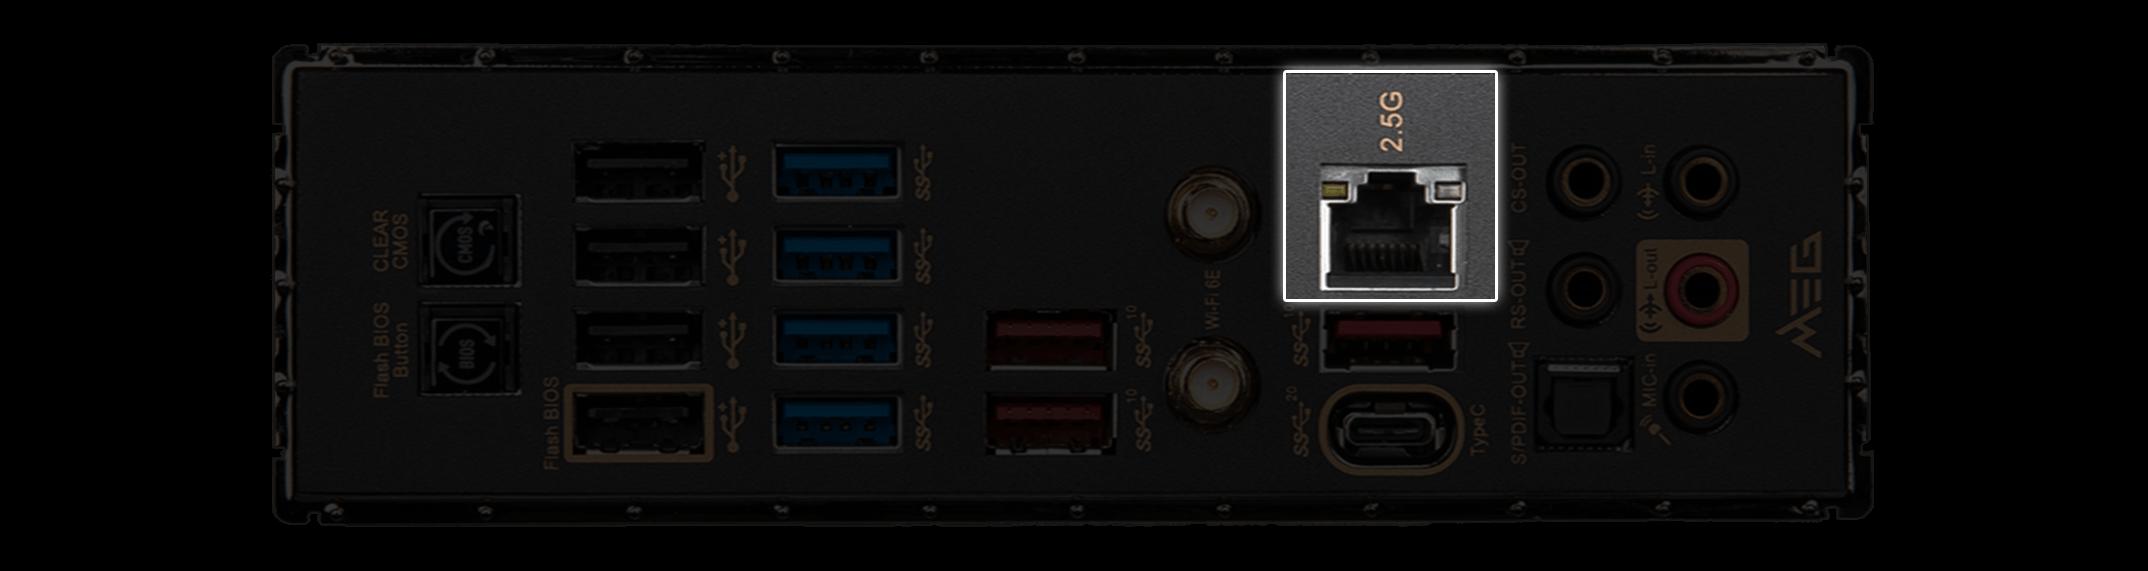 MSI X570S Motherboard Faster 2.5G LAN